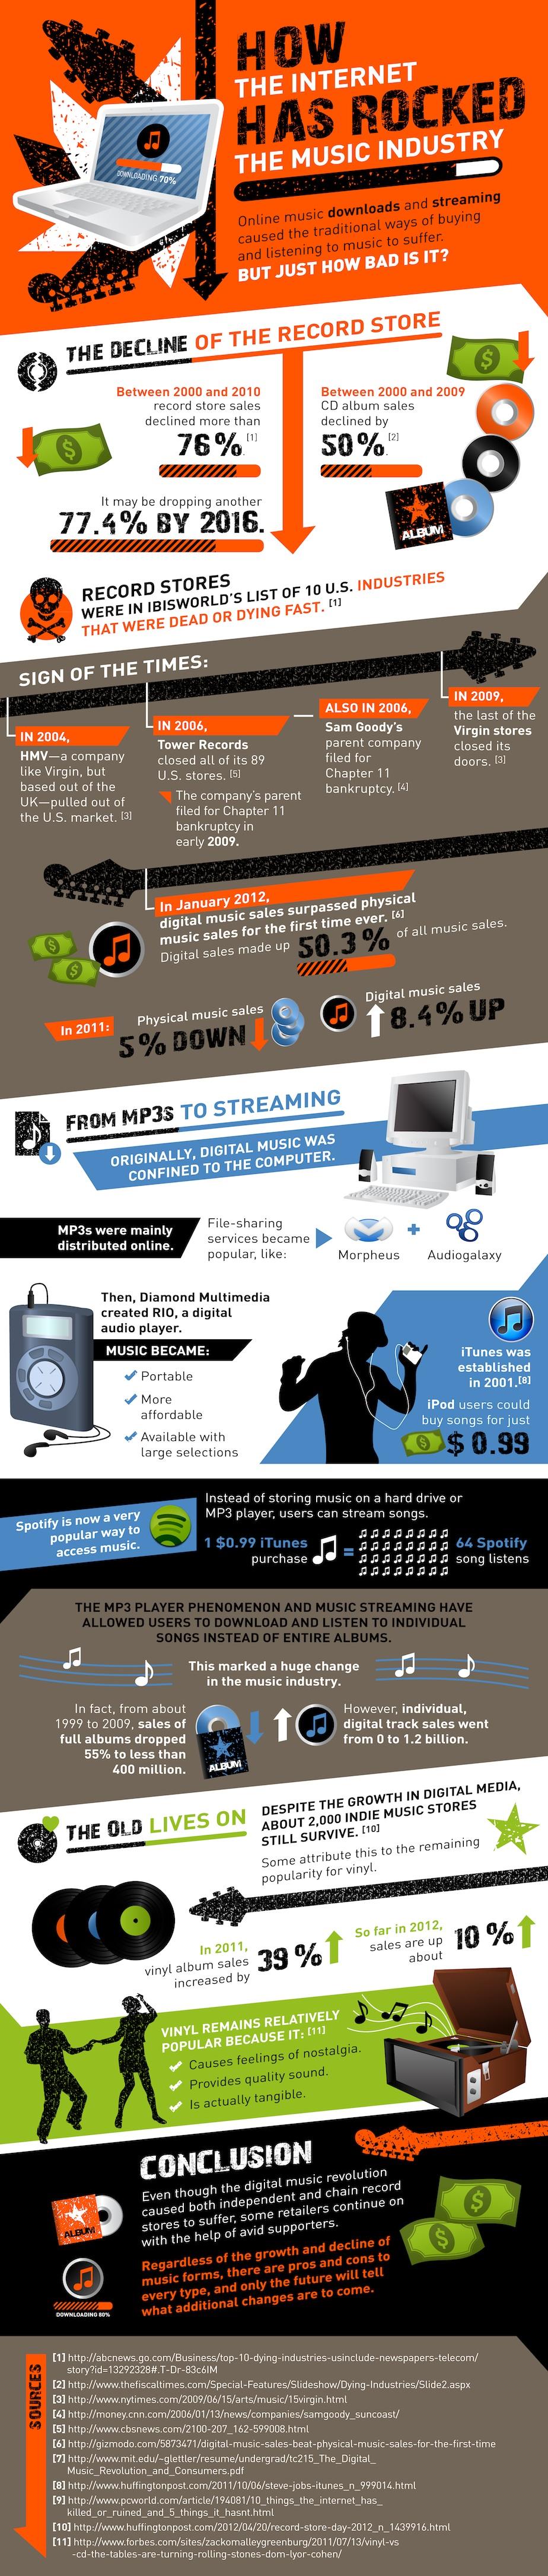 Zerstört das Internet die Musikindustrie?